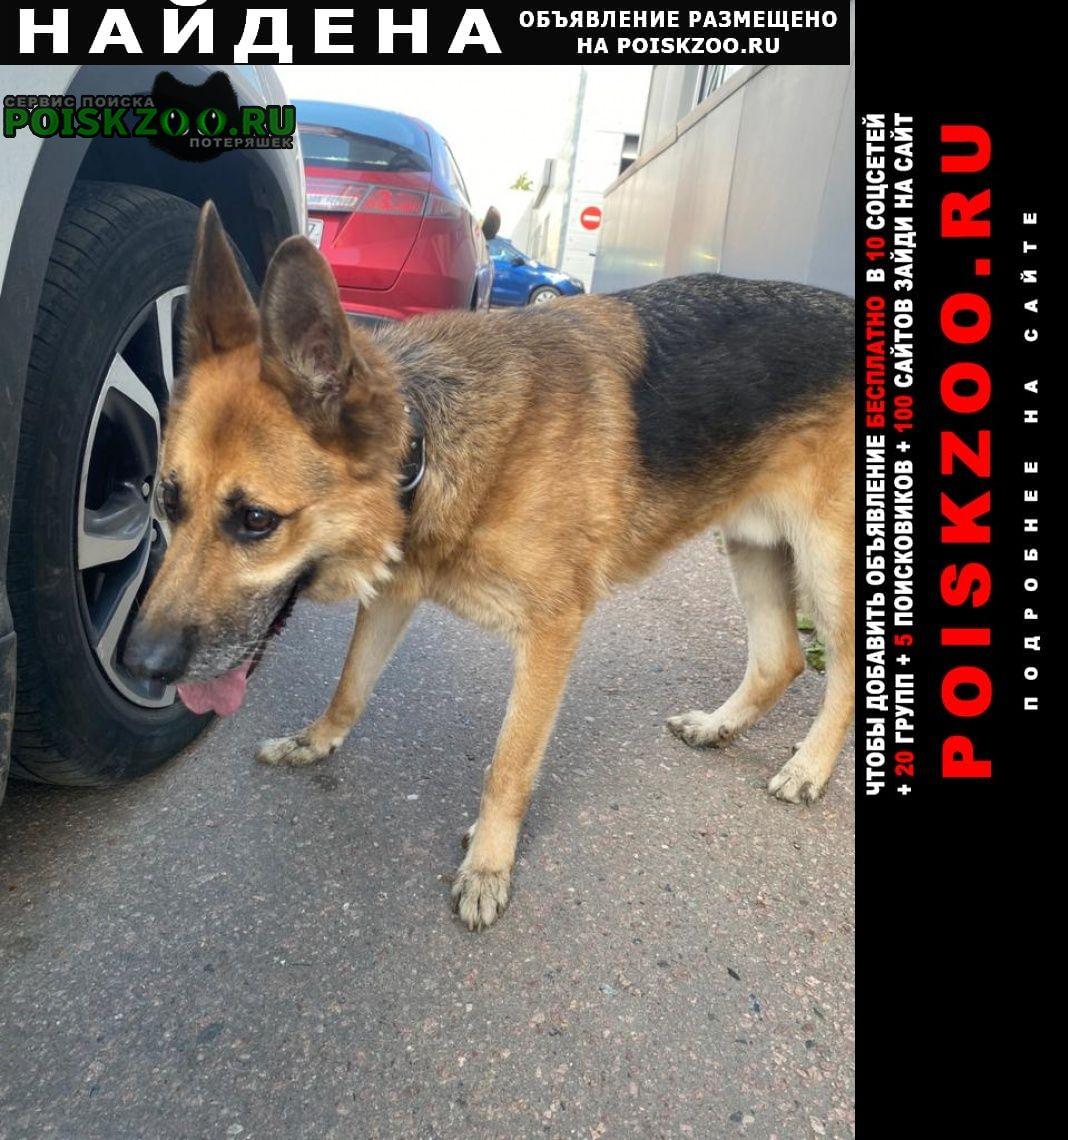 Найдена собака кобель овчарка с коричневым ошейником Москва